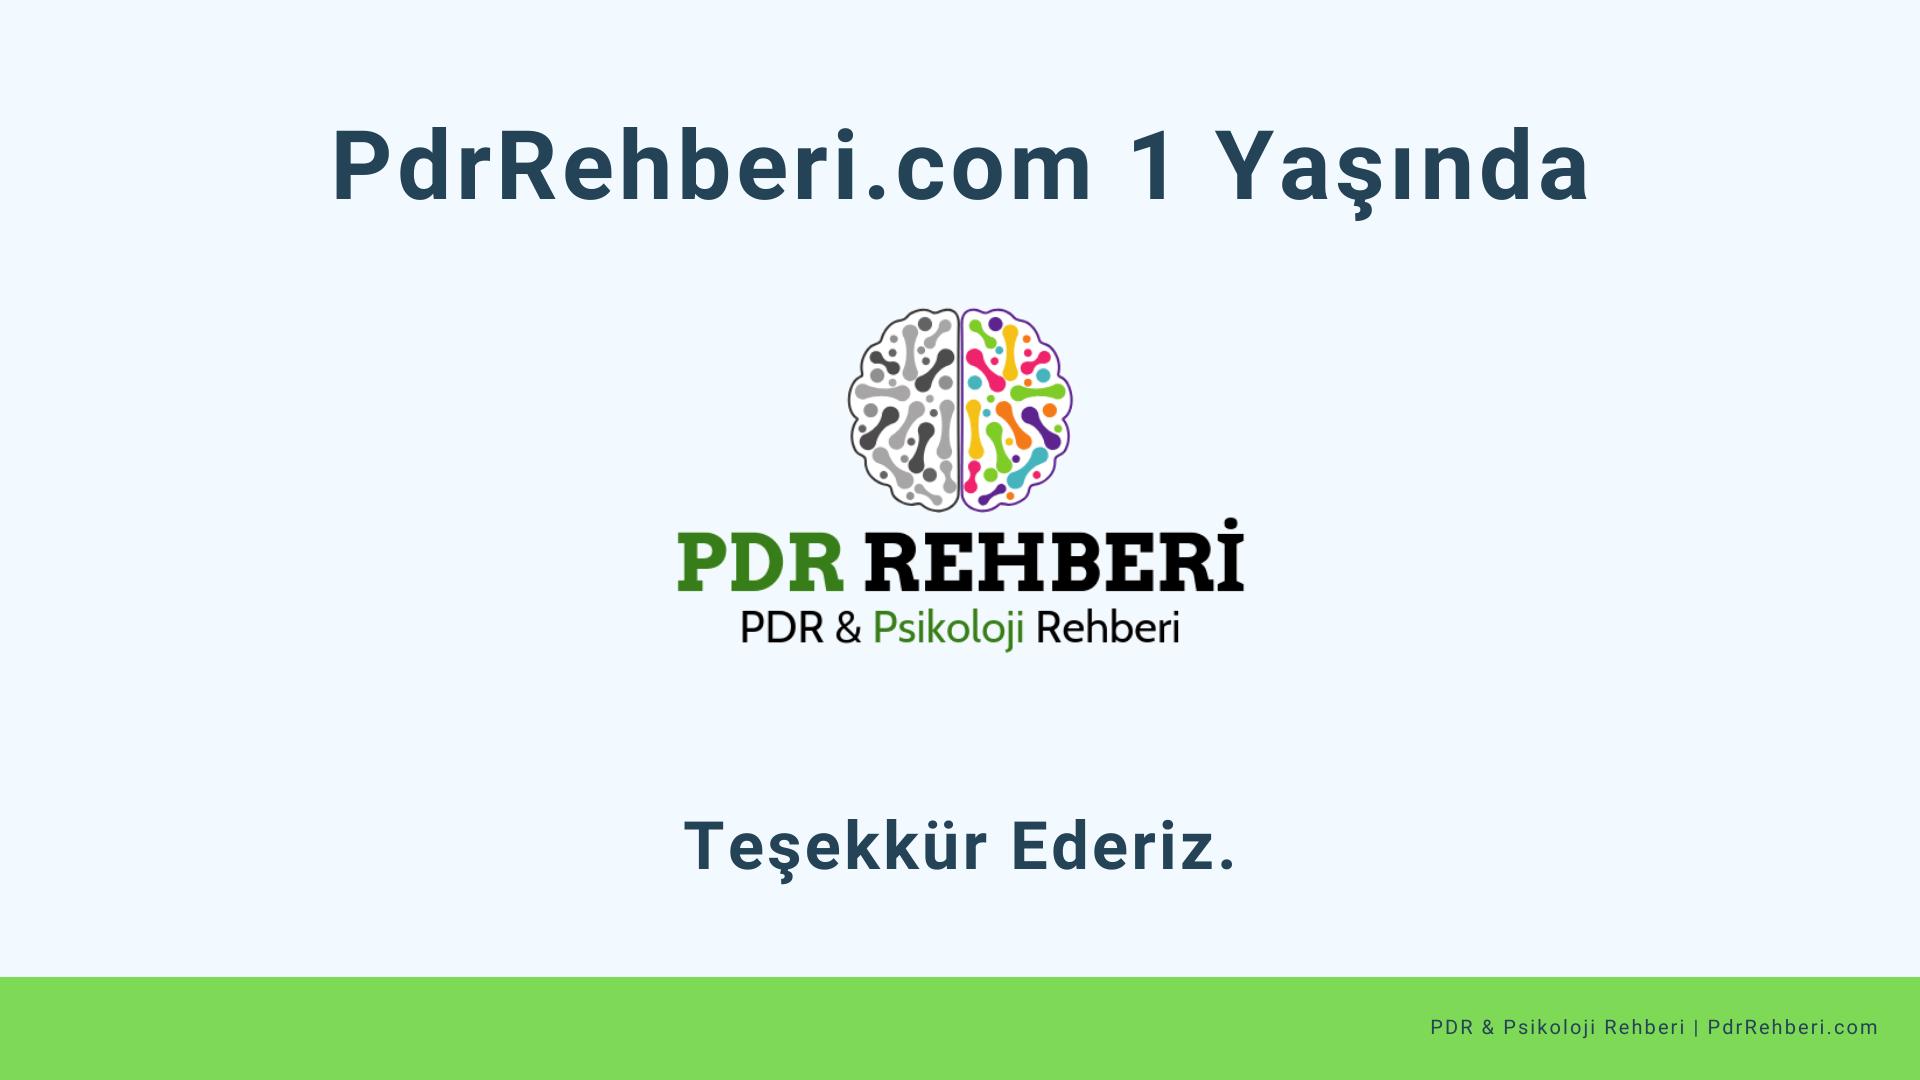 pdrrehberi-com-1-yasinda